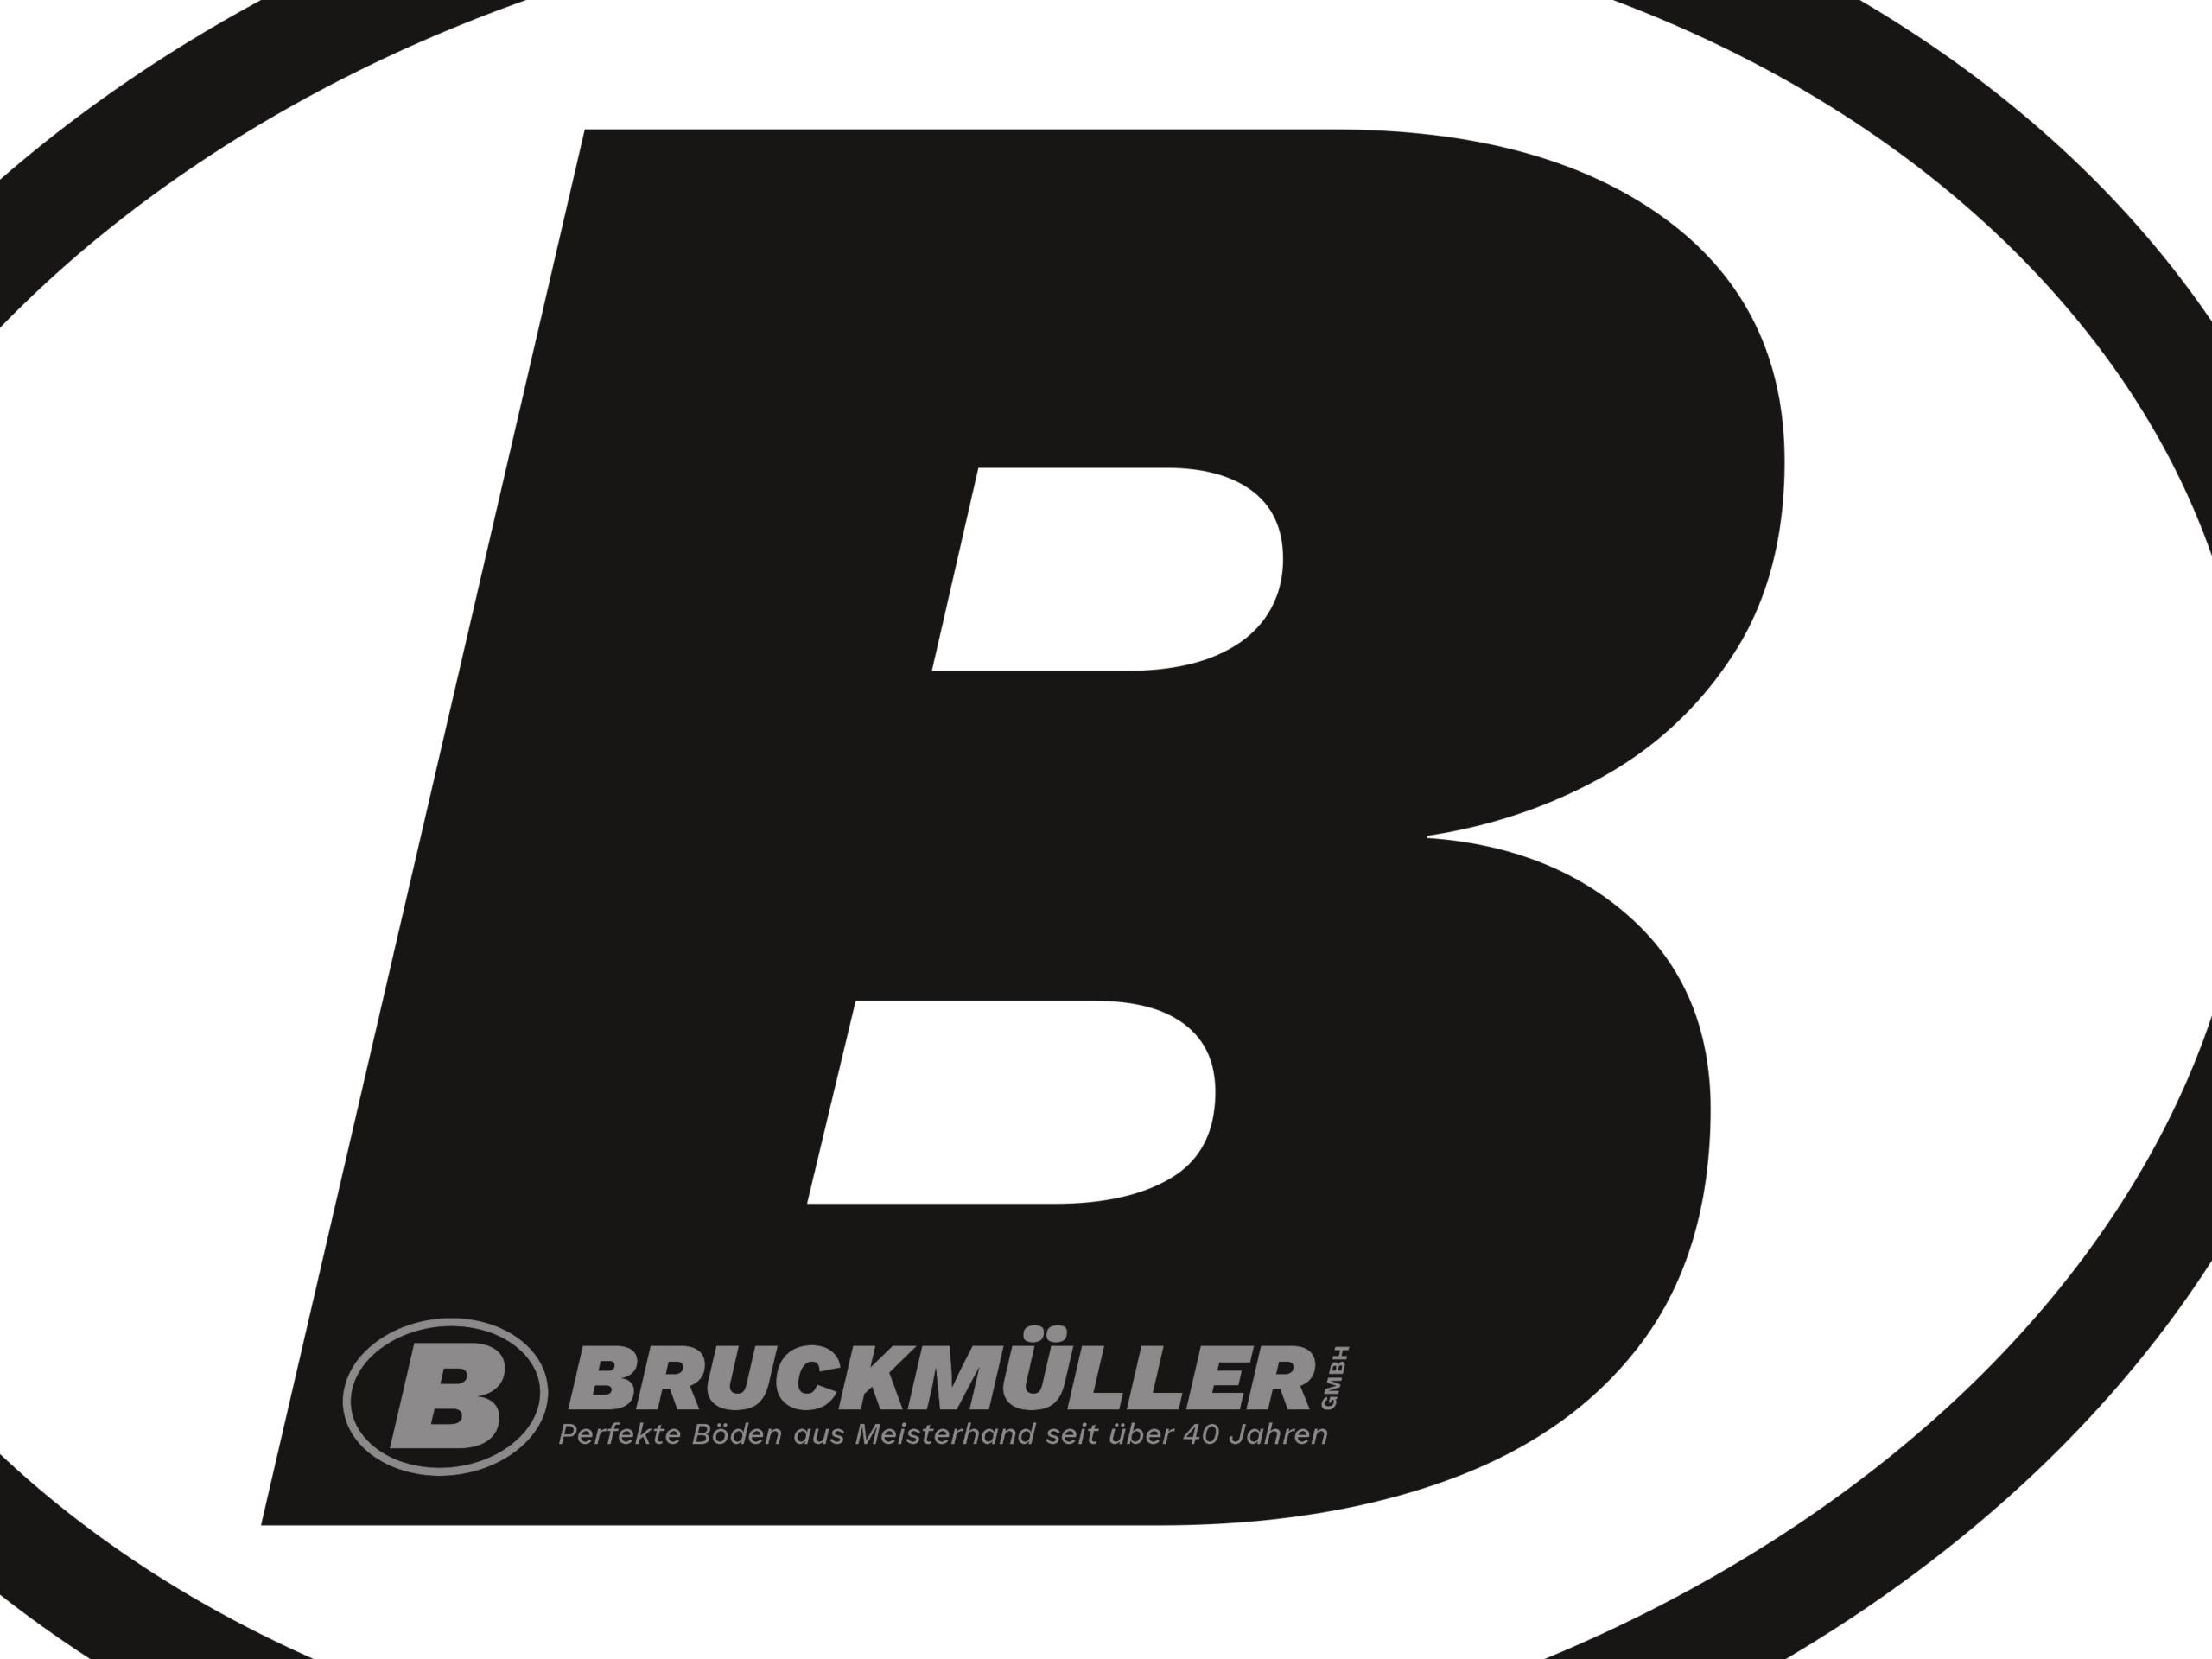 Bruckmüller GmbH | Platzhalter